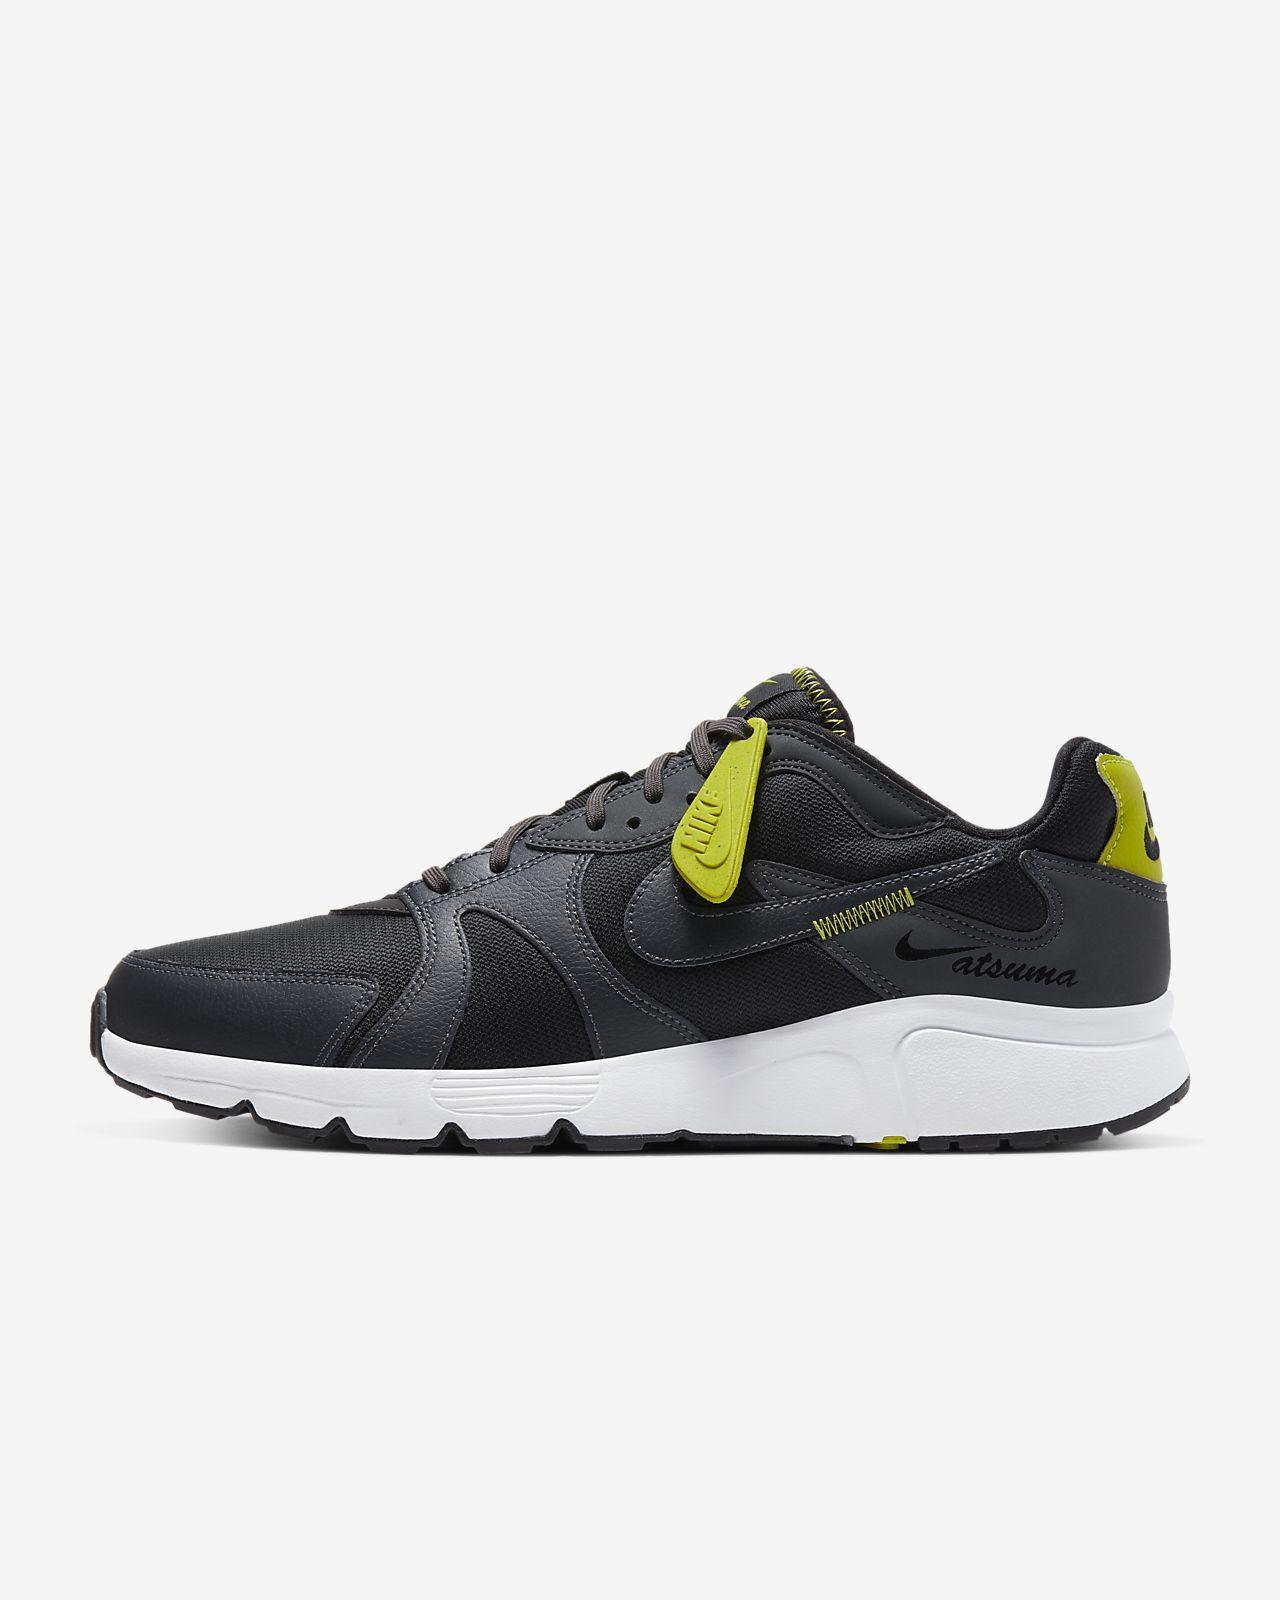 Nike Atsuma-sko til mænd